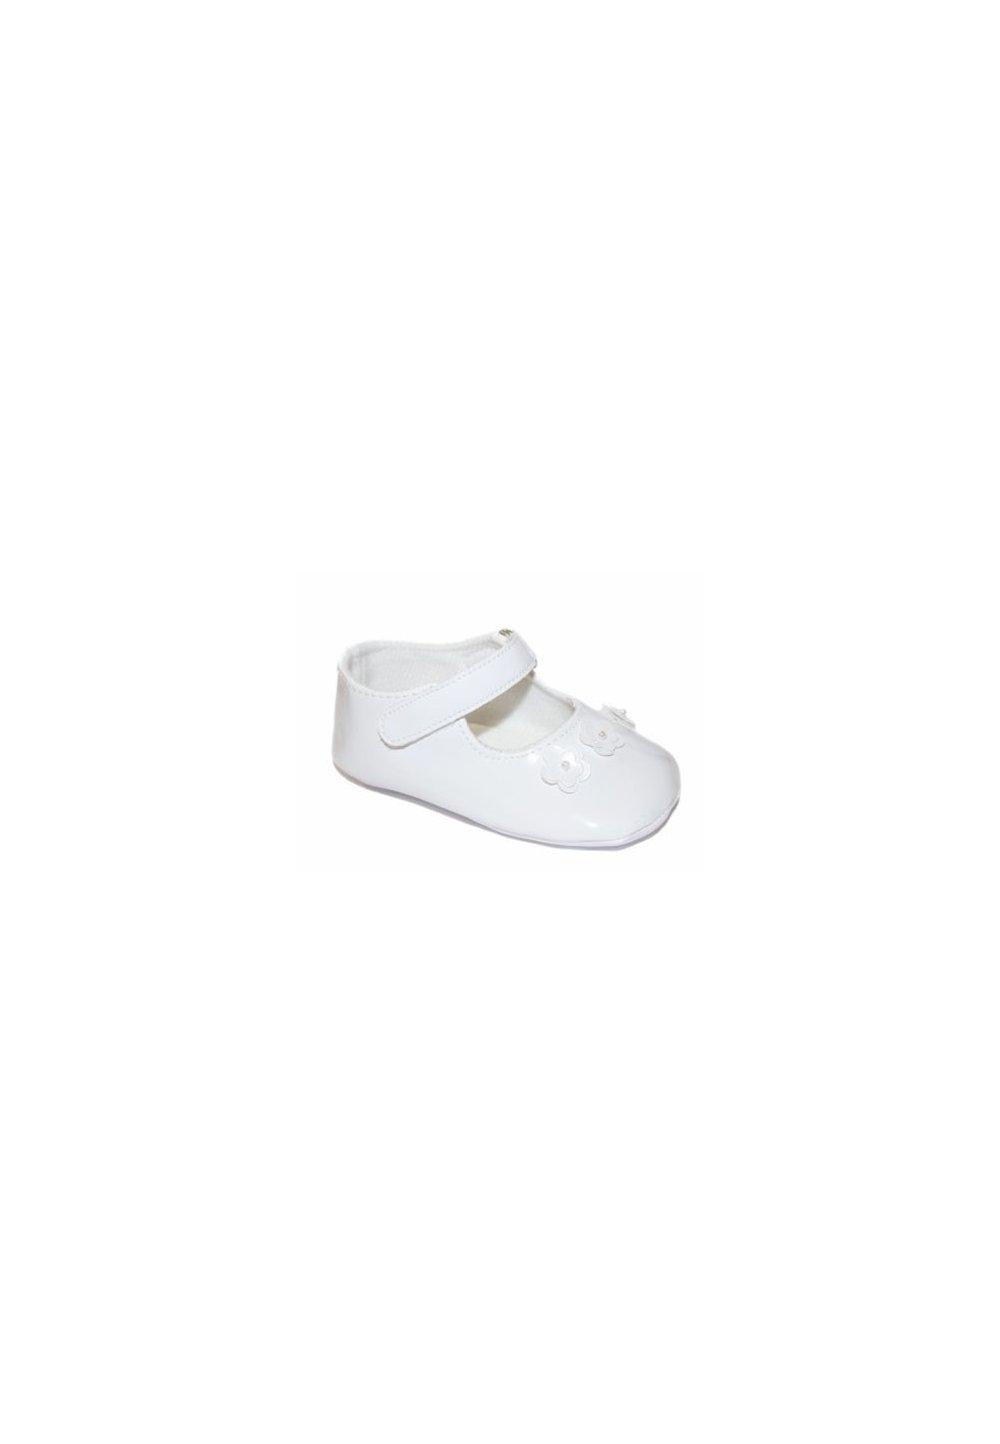 Papucei bebe, albi cu 3 floricele imagine